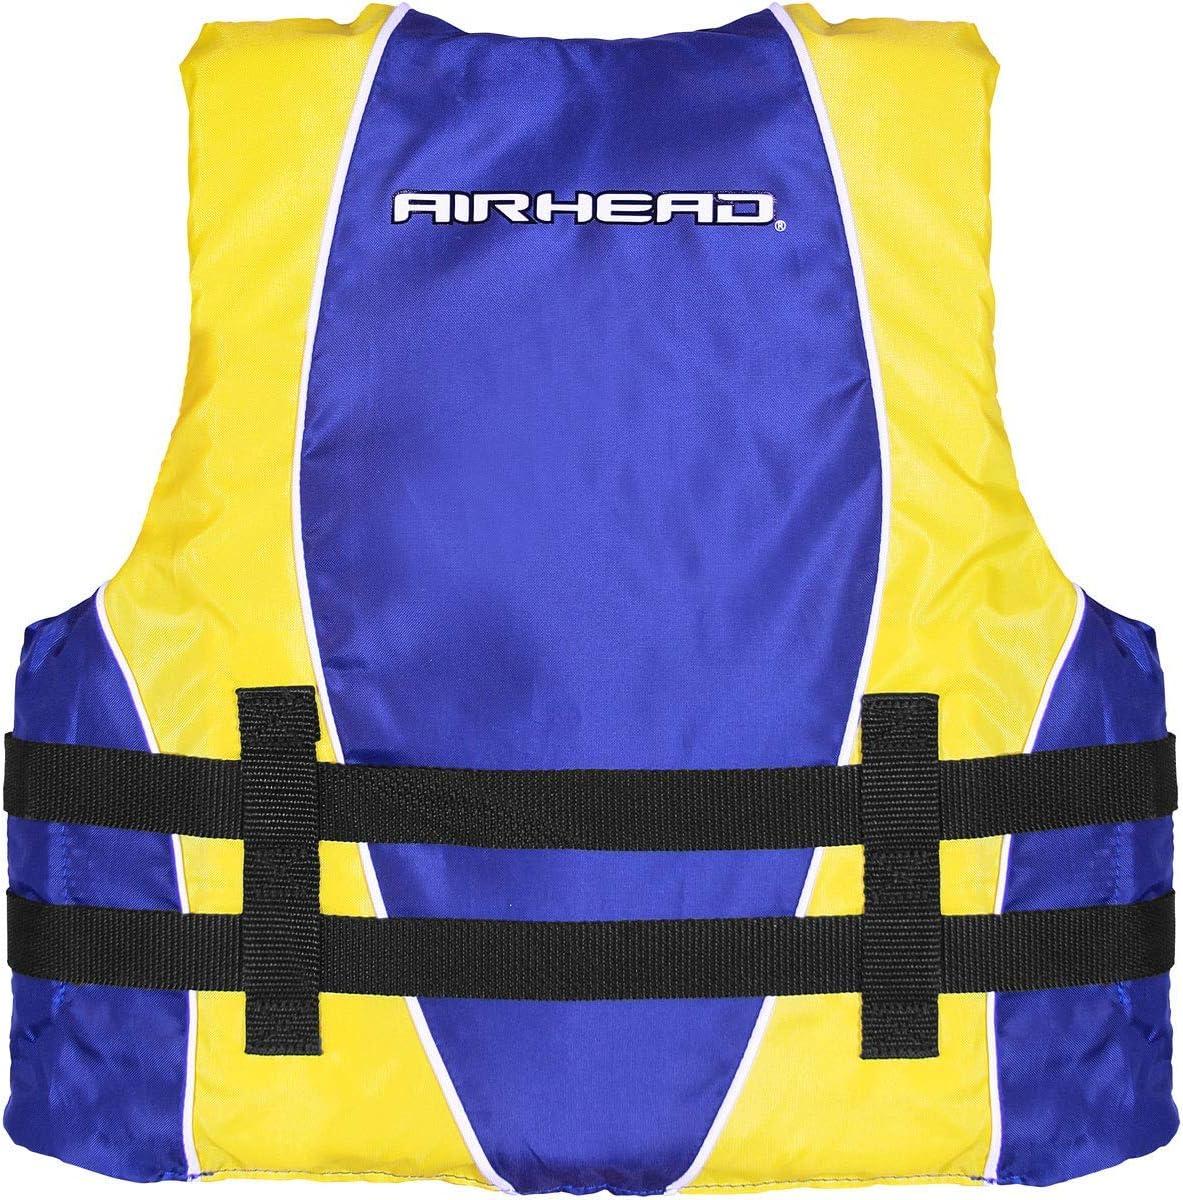 Airhead Family Nylon Life Jacket